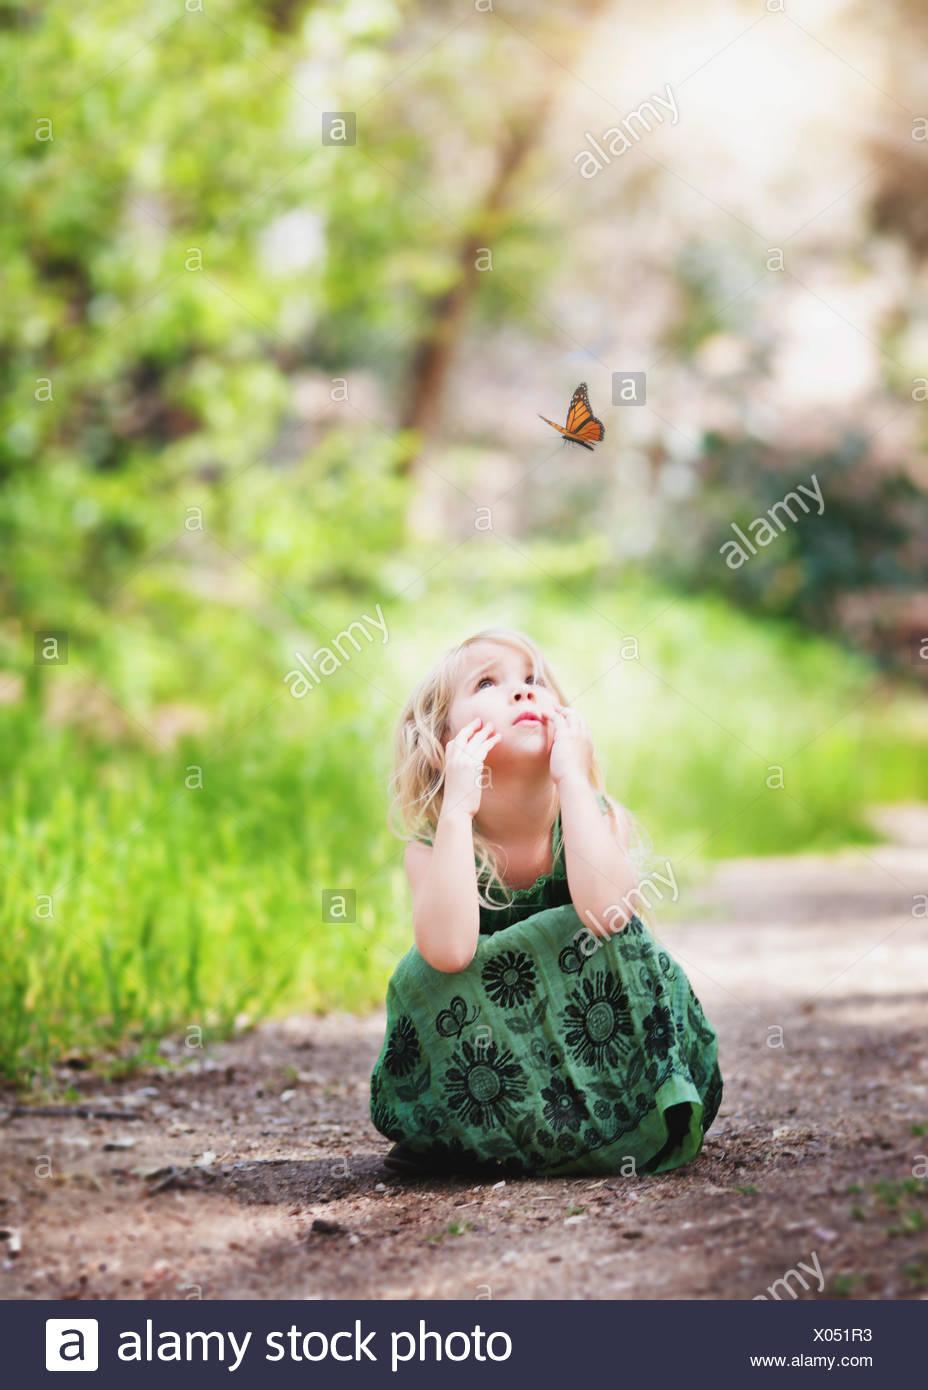 Niña sentada en un camino mirando a una mariposa, California, EE.UU Foto de stock